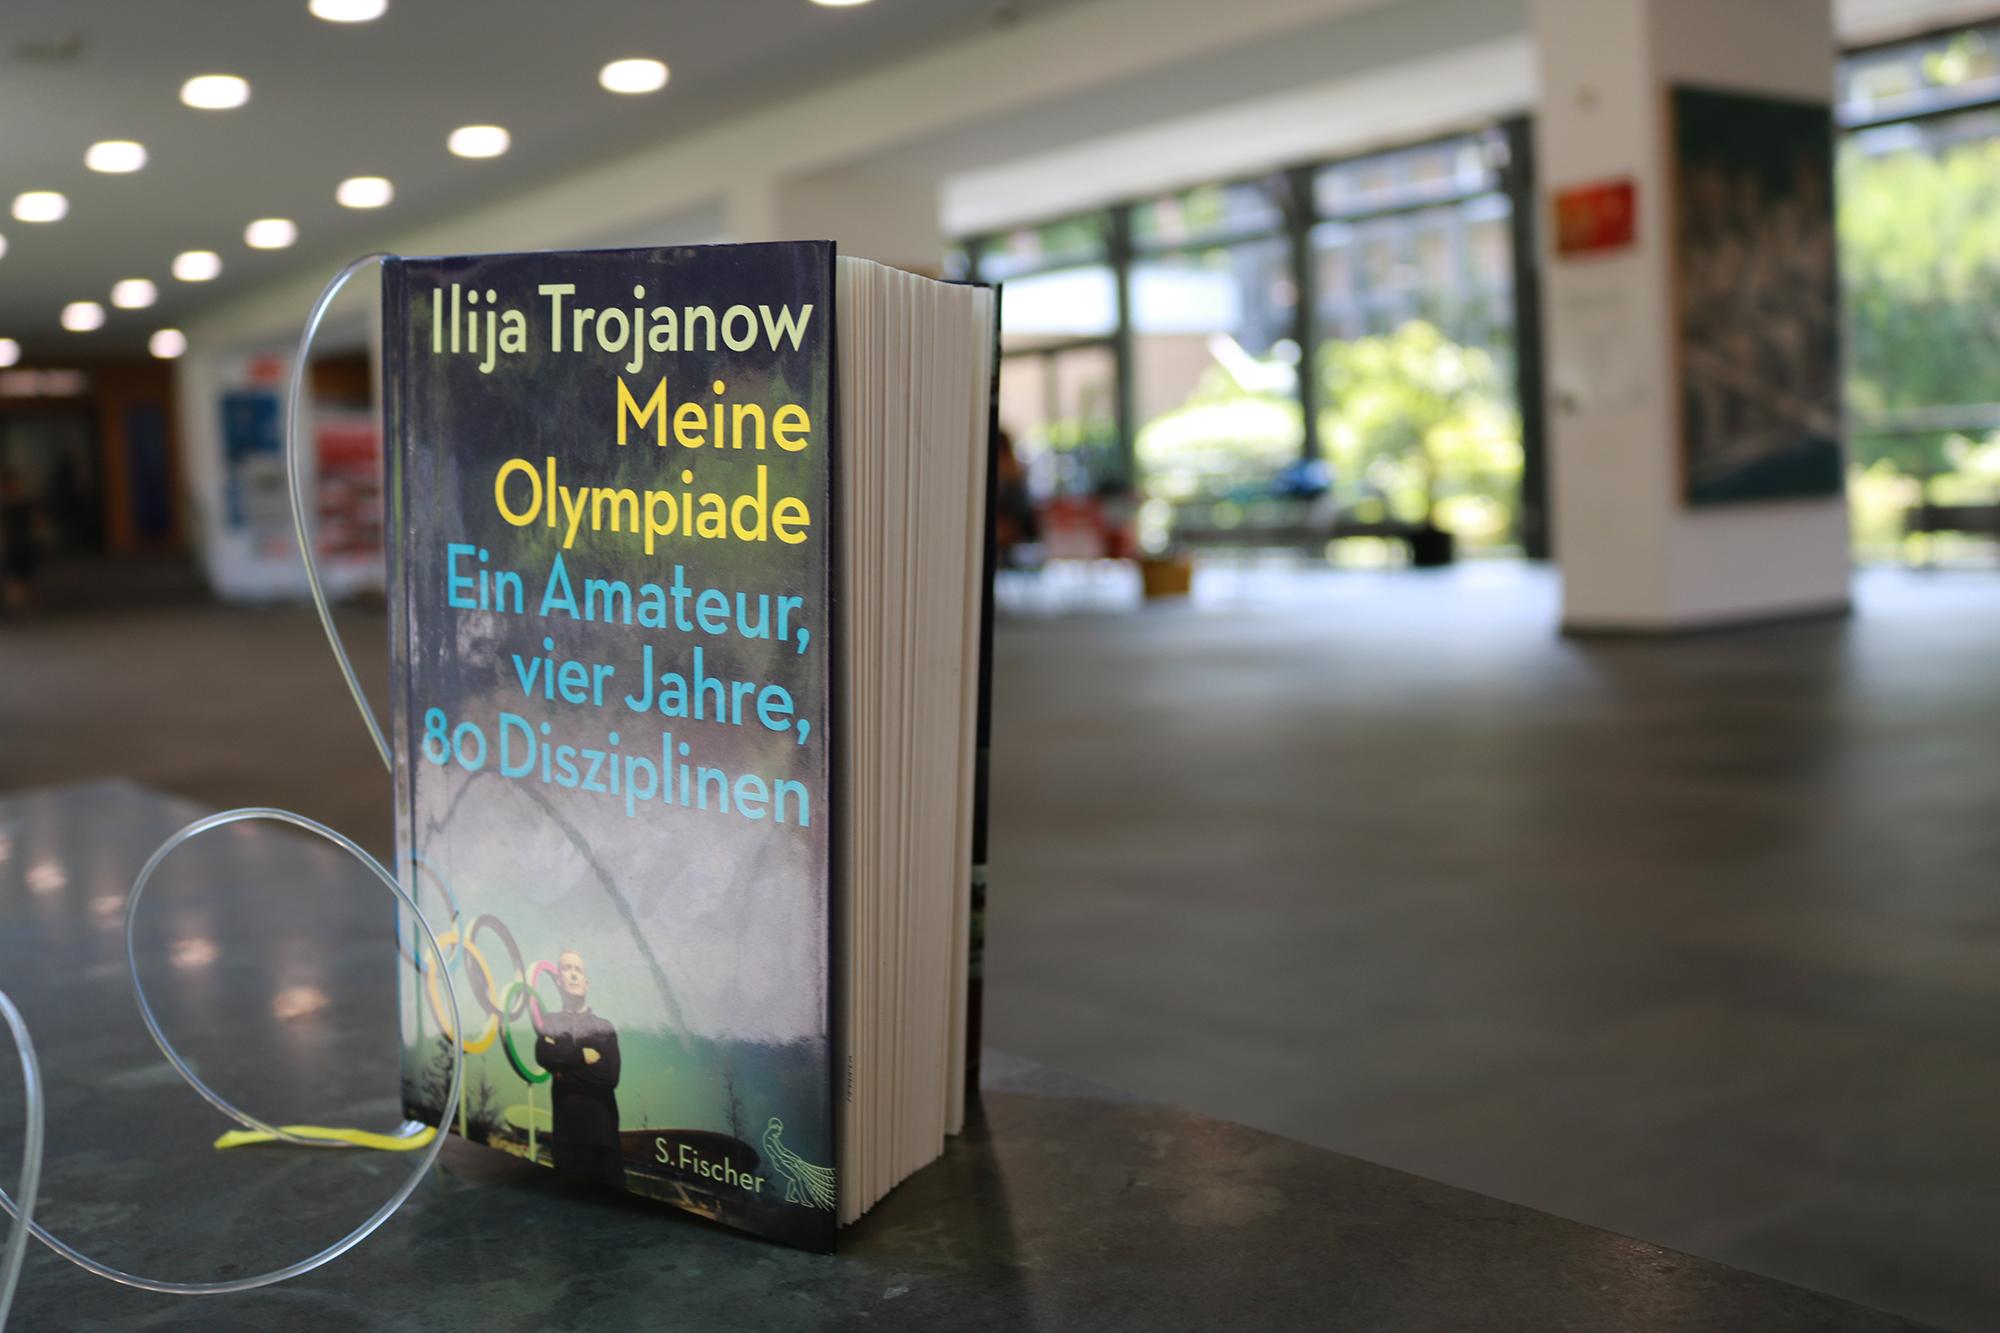 Im Foyer der Deutschen Sporthochschule fällt das Buch sofort ins Auge